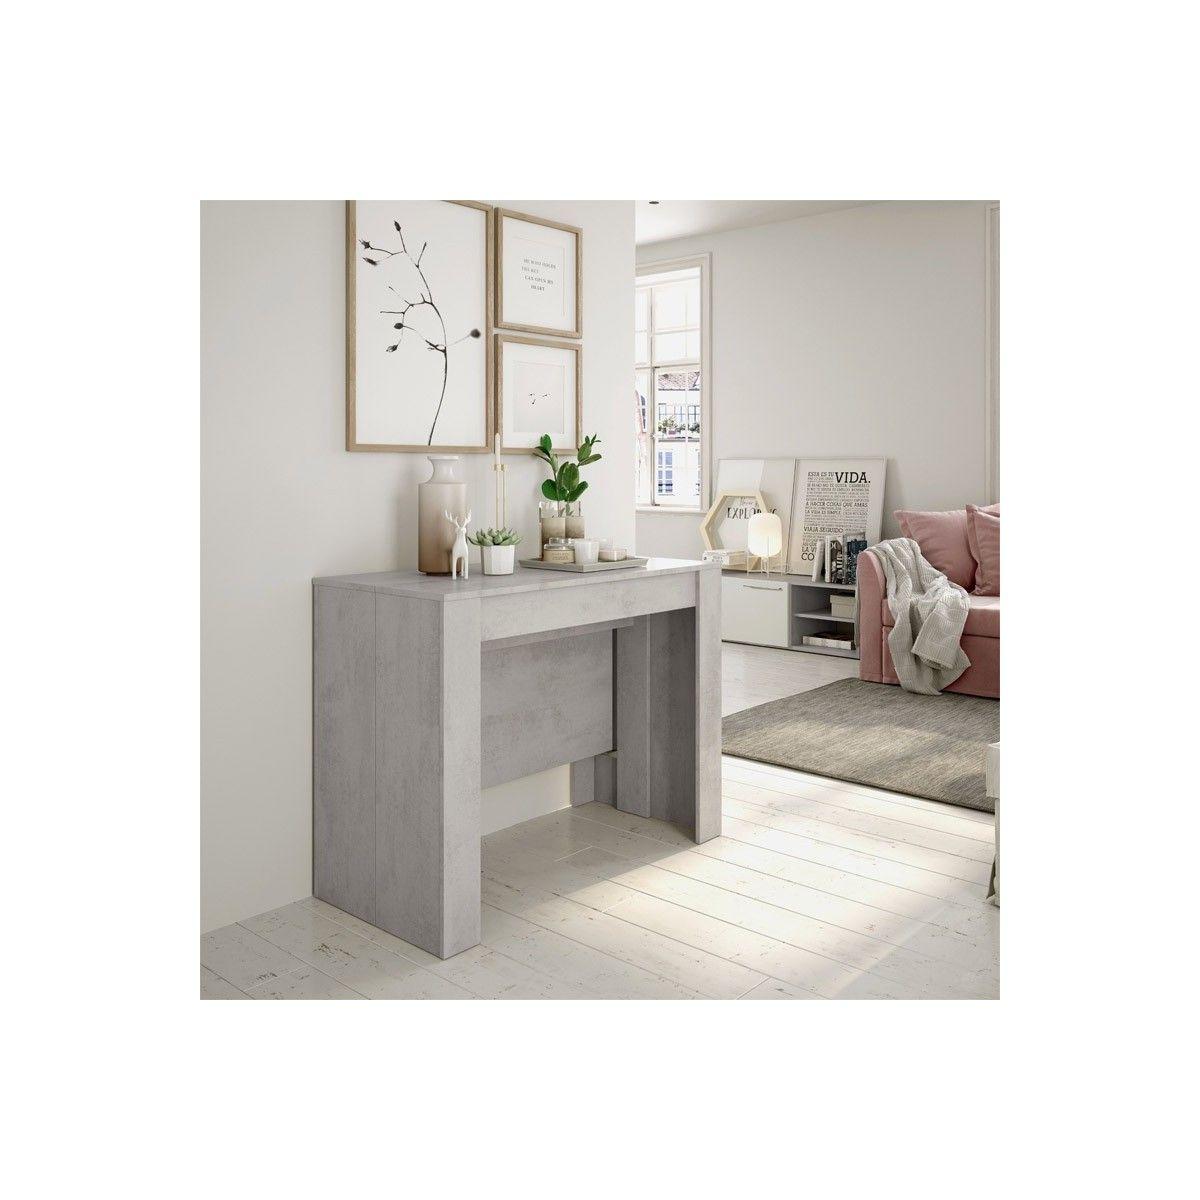 Mesa consola extensible color cemento   Mesa comedor extensible barata